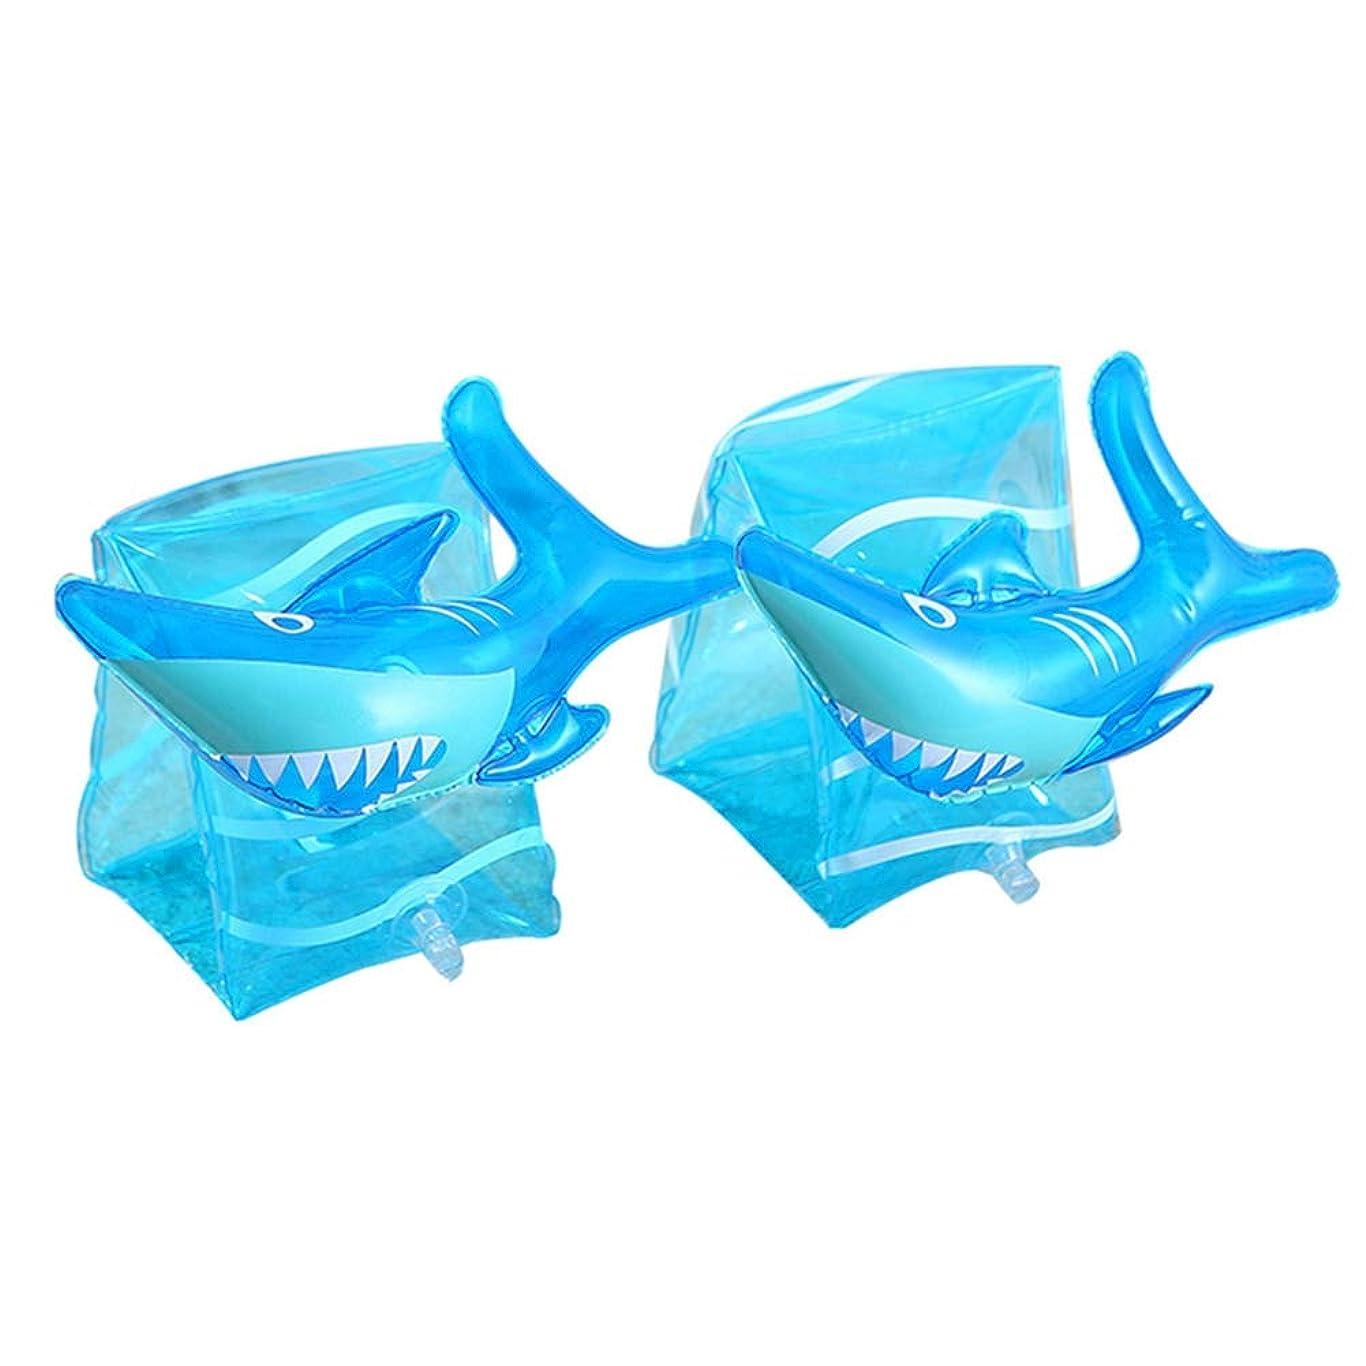 探す悲劇スリチンモイLORAER Qianer スイミングアームサークル スイムサークル 腕浮き輪 カートゥーン 子供 暑さ対策 水泳用品 おもちゃ 補助具 両腕用 2個セット 学習用 夏の定番 お風呂 水遊び プール 海水浴 3歳から